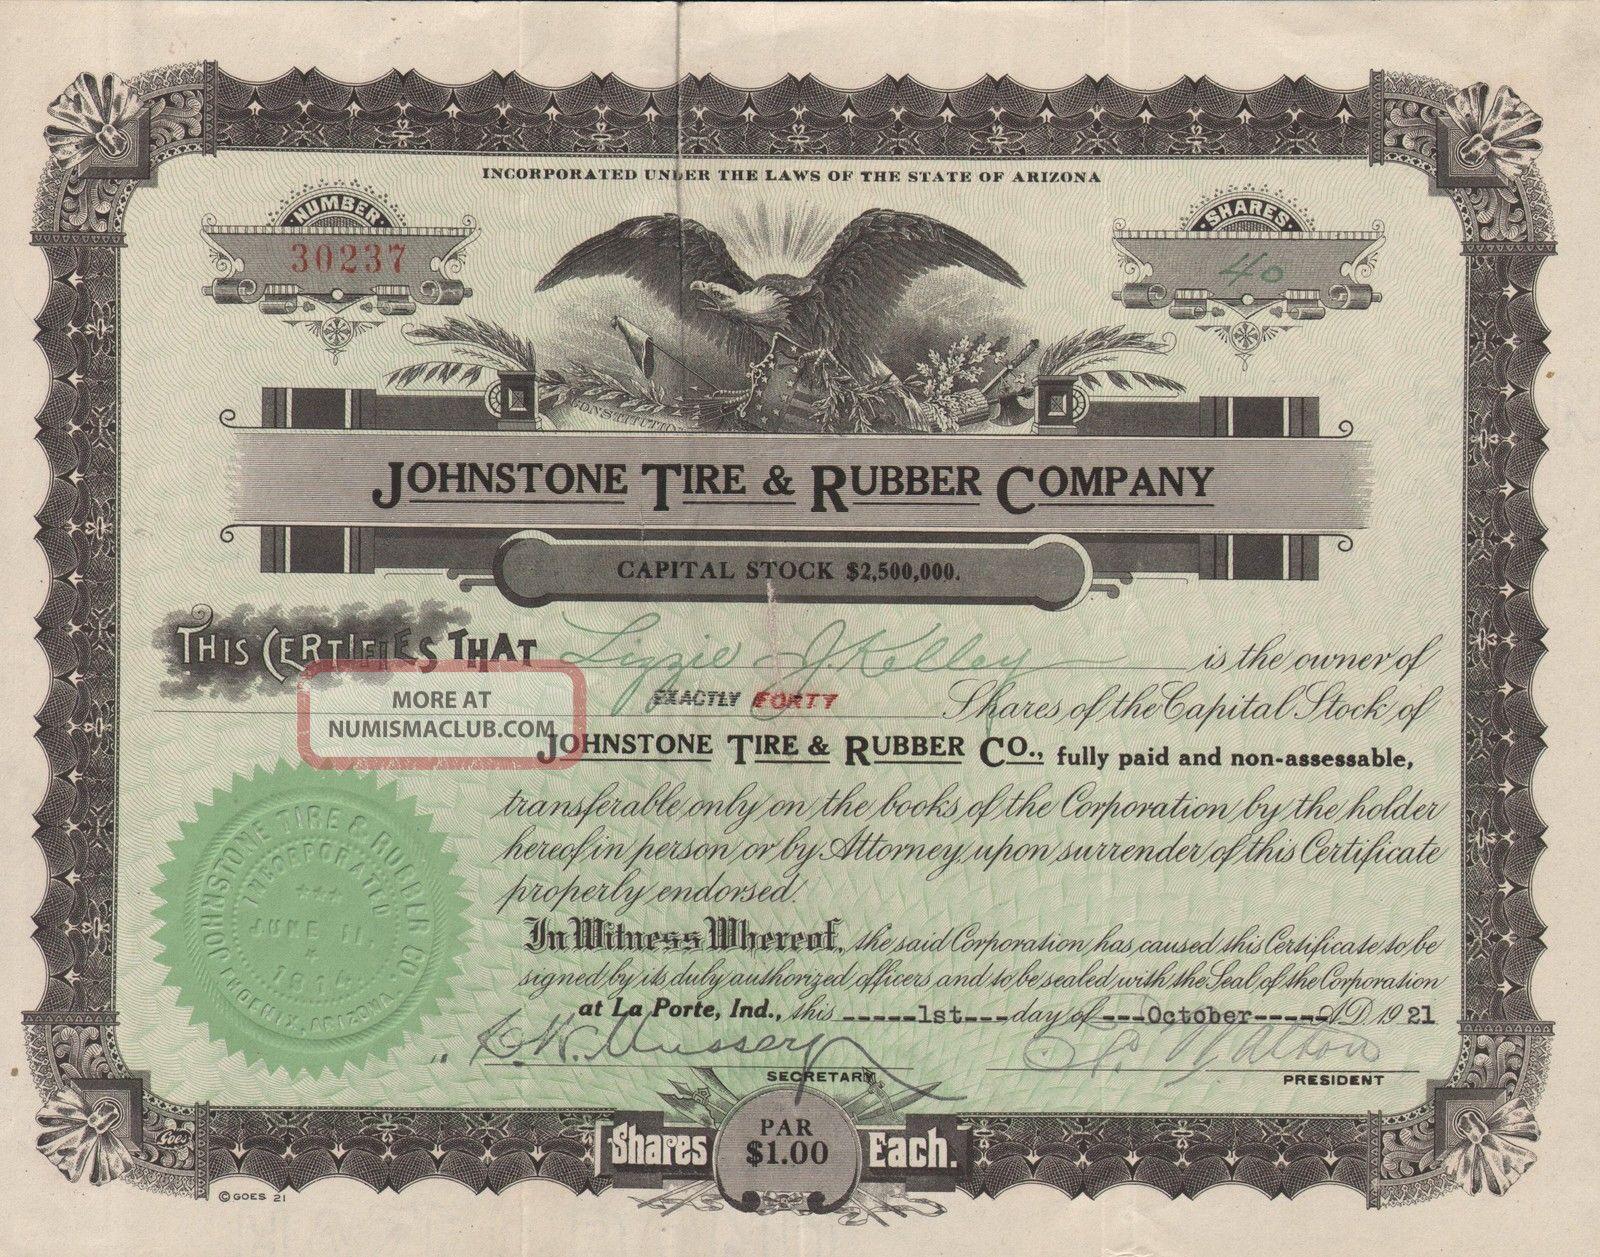 Usa Johnstone Tire & Rubber Company Stock Certificate 1921 World photo